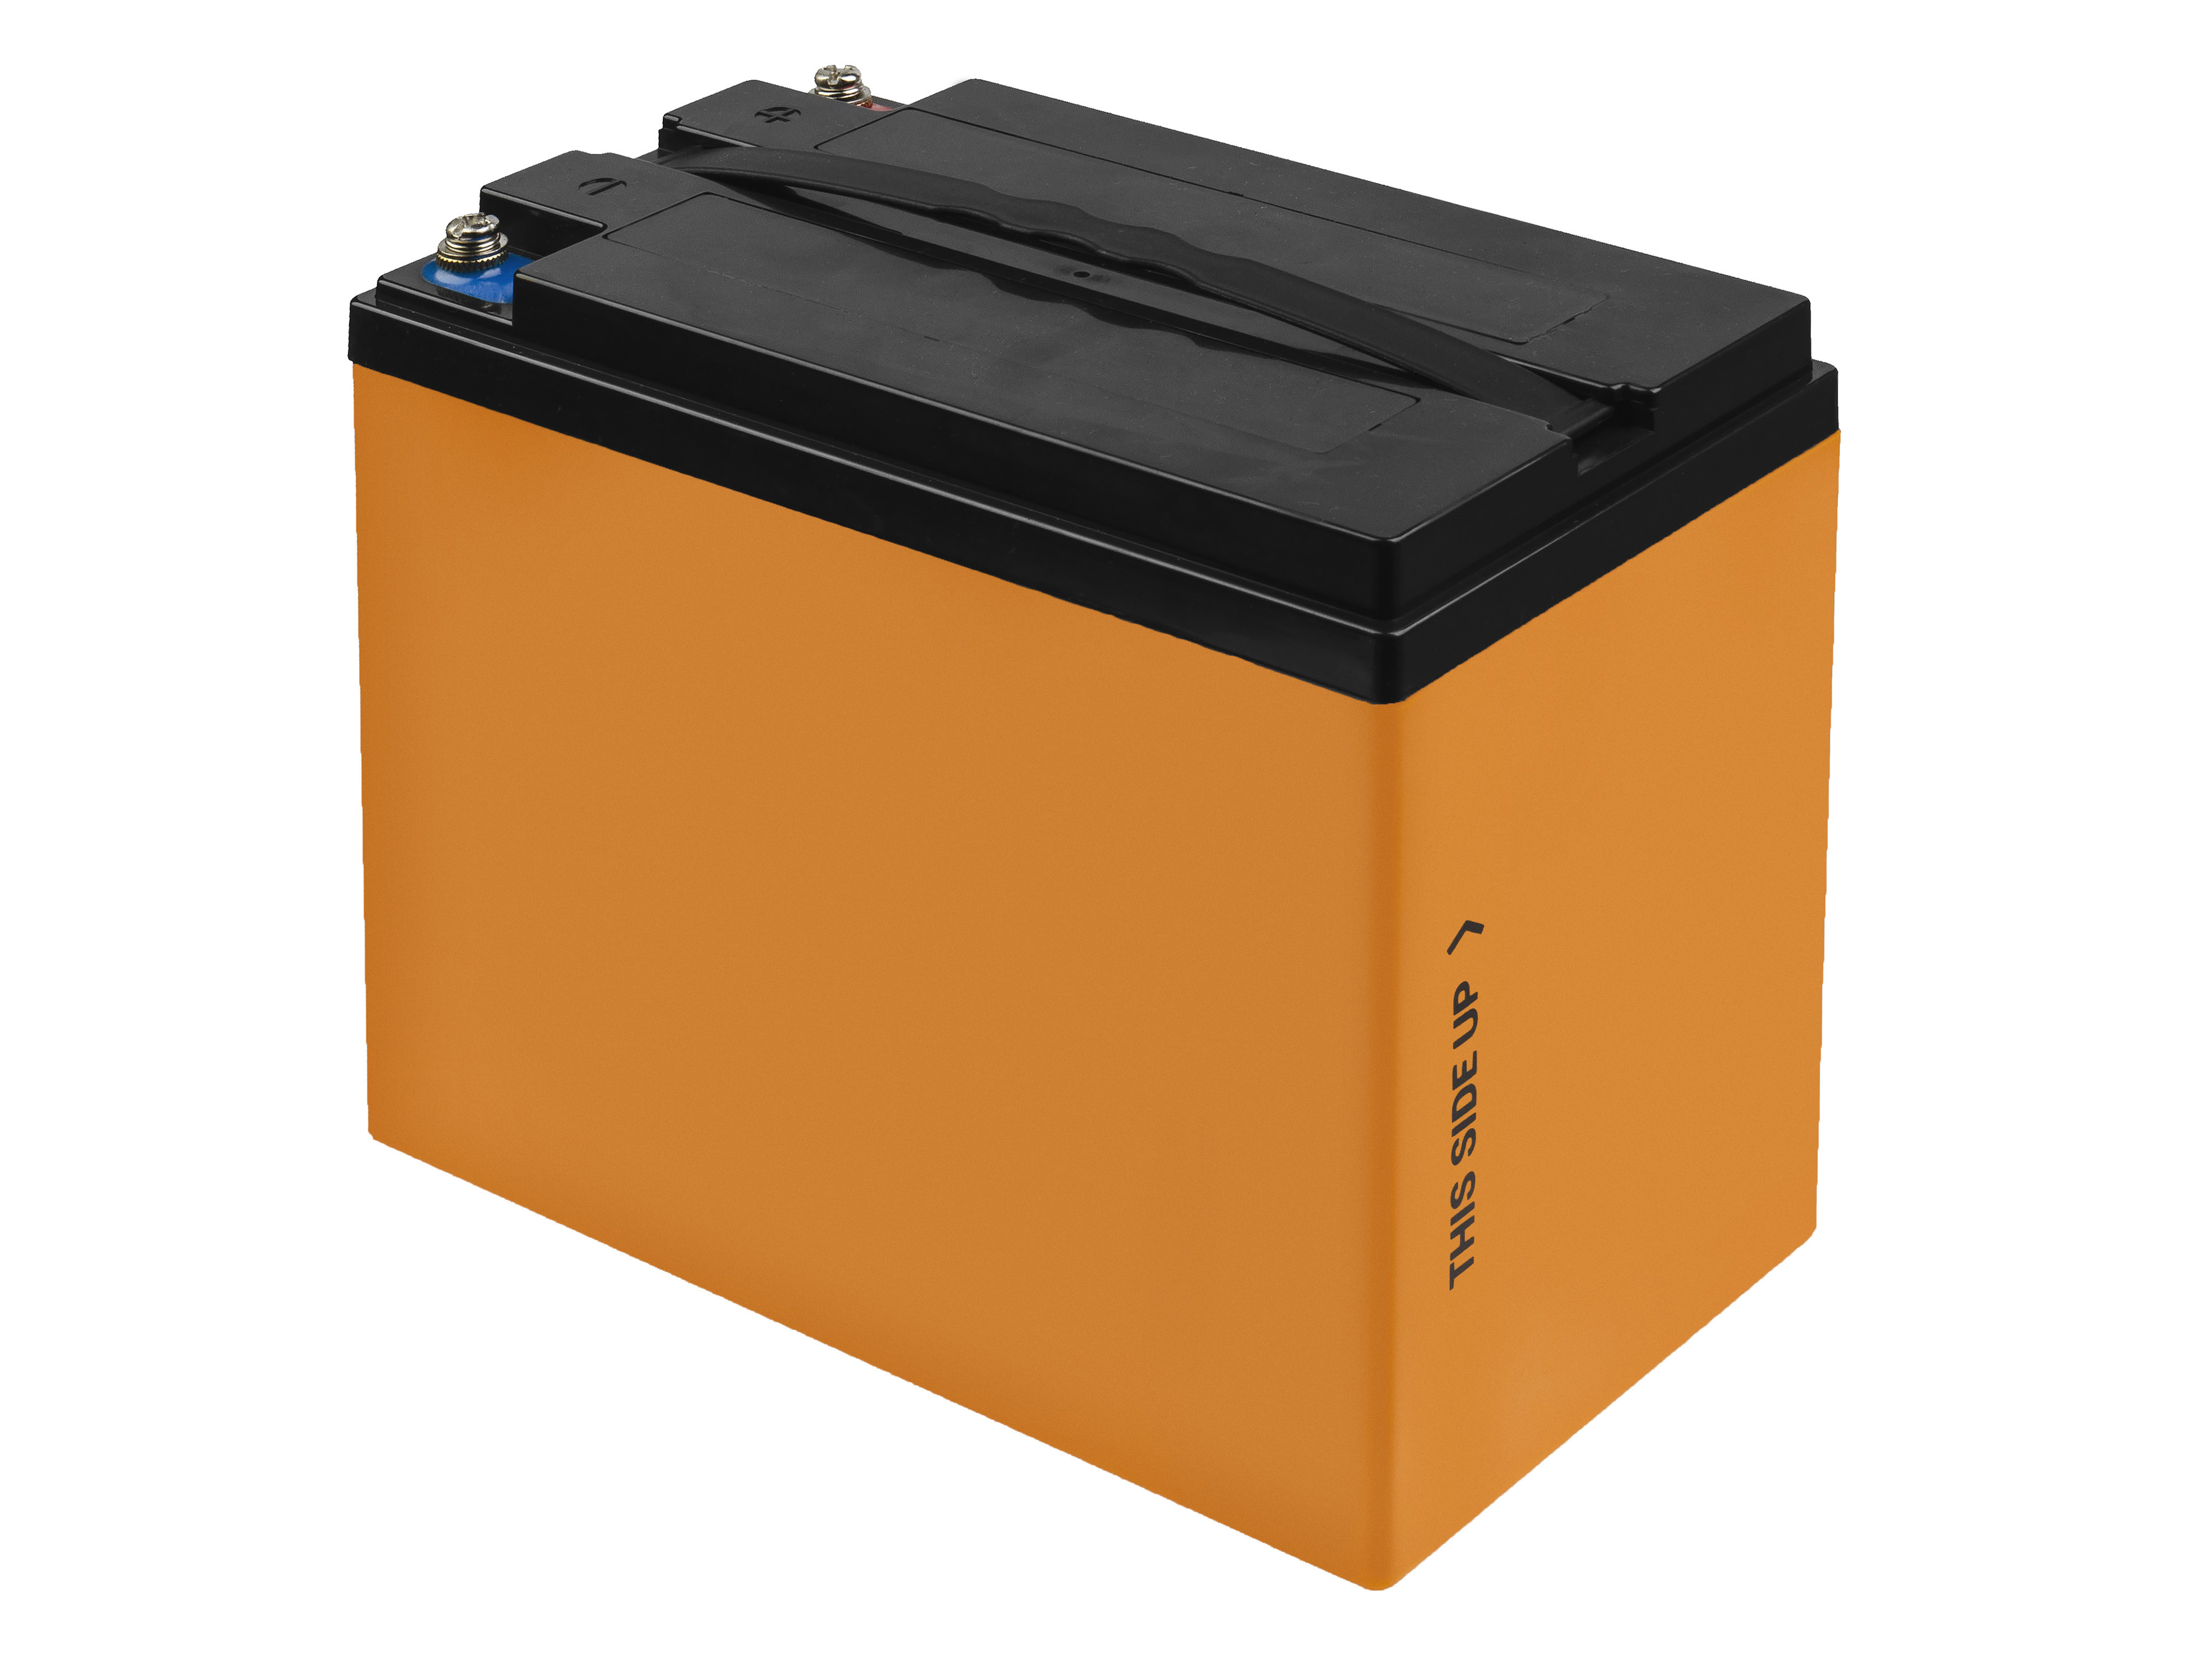 Baterie Green Cell Lithium-železo-fosfátová LiFePO4 baterie s nabíječkou 12V, 12,8V 42Ah pro solární panely, obytné automobily a lodě